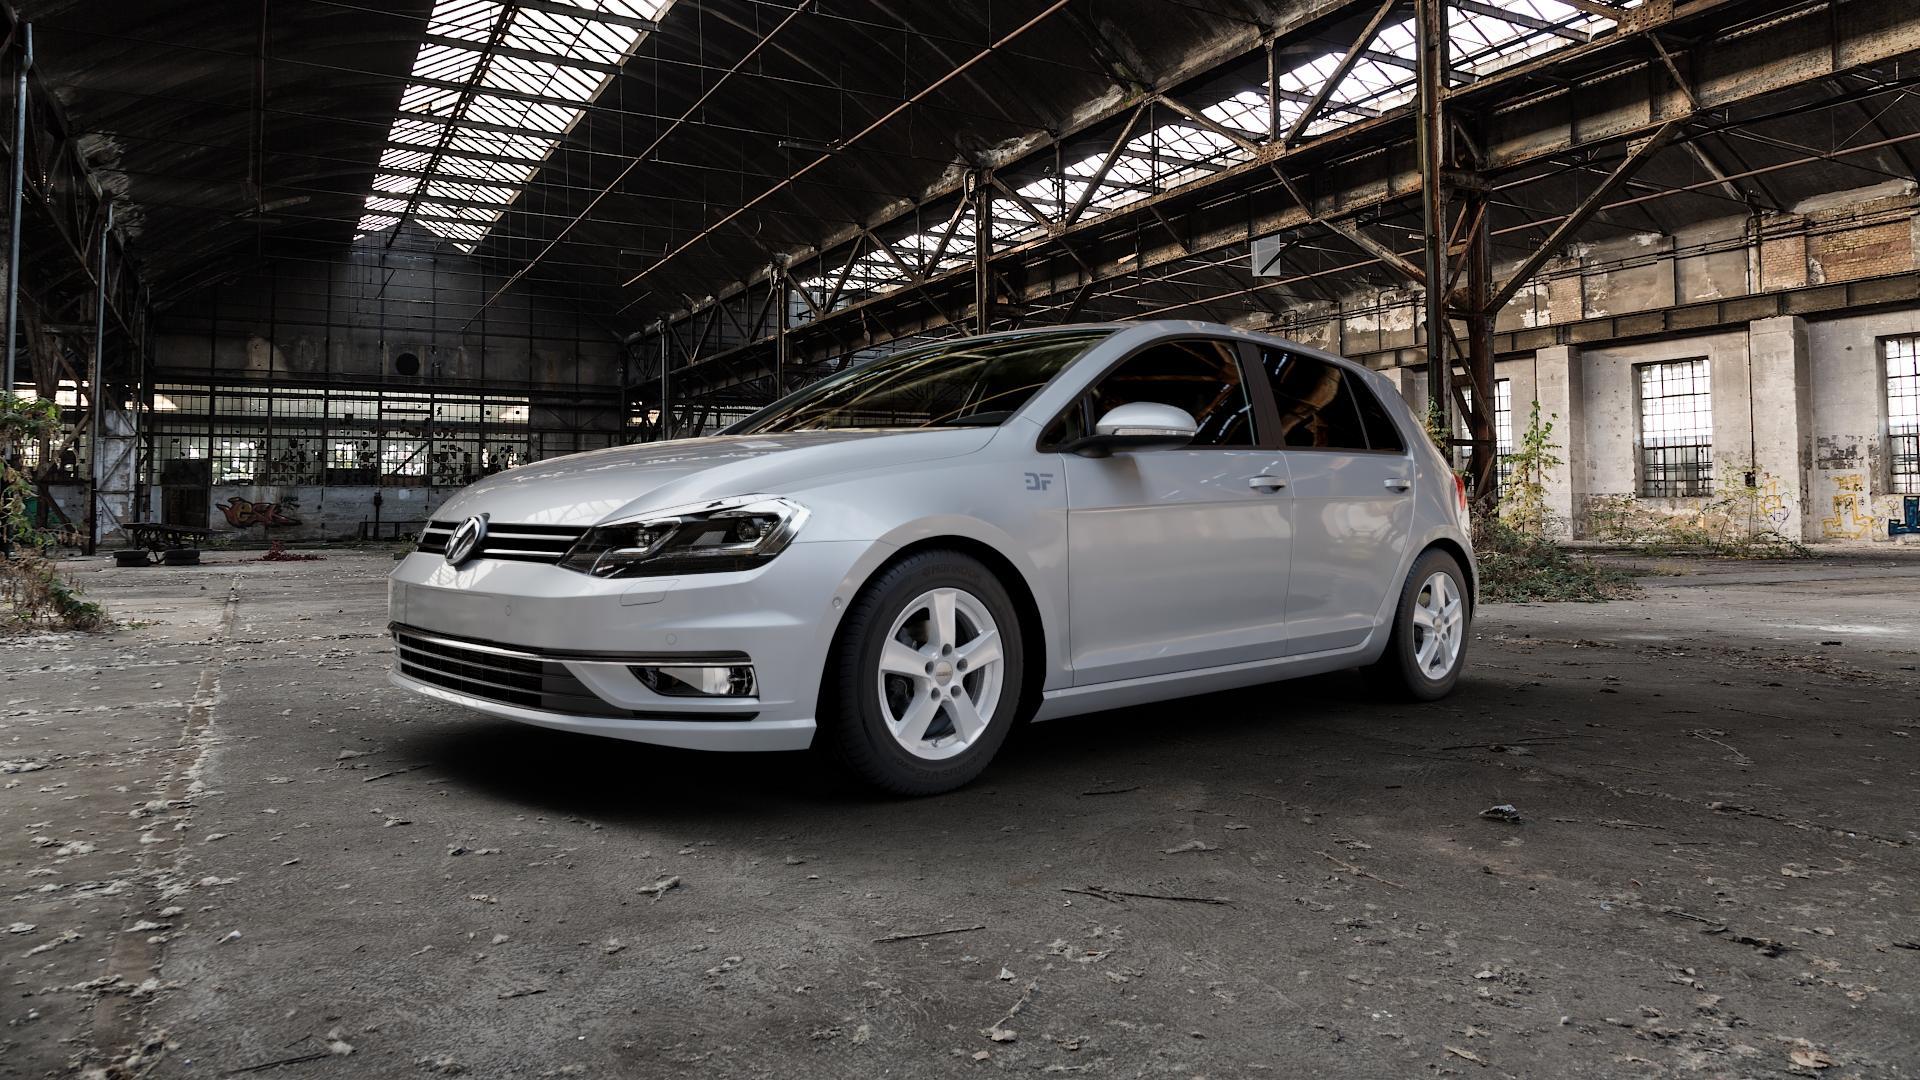 DEZENT TX SILVER Felge mit Reifen silber in 15Zoll Winterfelge Alufelge auf silbernem Volkswagen (VW) Golf 7 Facelift 1,0l TSI 63kW (86 PS) 2,0l TDI 110kW (150 1,6l 66kW (90 1,4l 92kW (125 EcoFuel 85kW (116 81kW (110 TGI 4Motion 1,5l 96kW (131 ⬇️ mit 15mm Tieferlegung ⬇️ Industriehalle 1 Camera_000